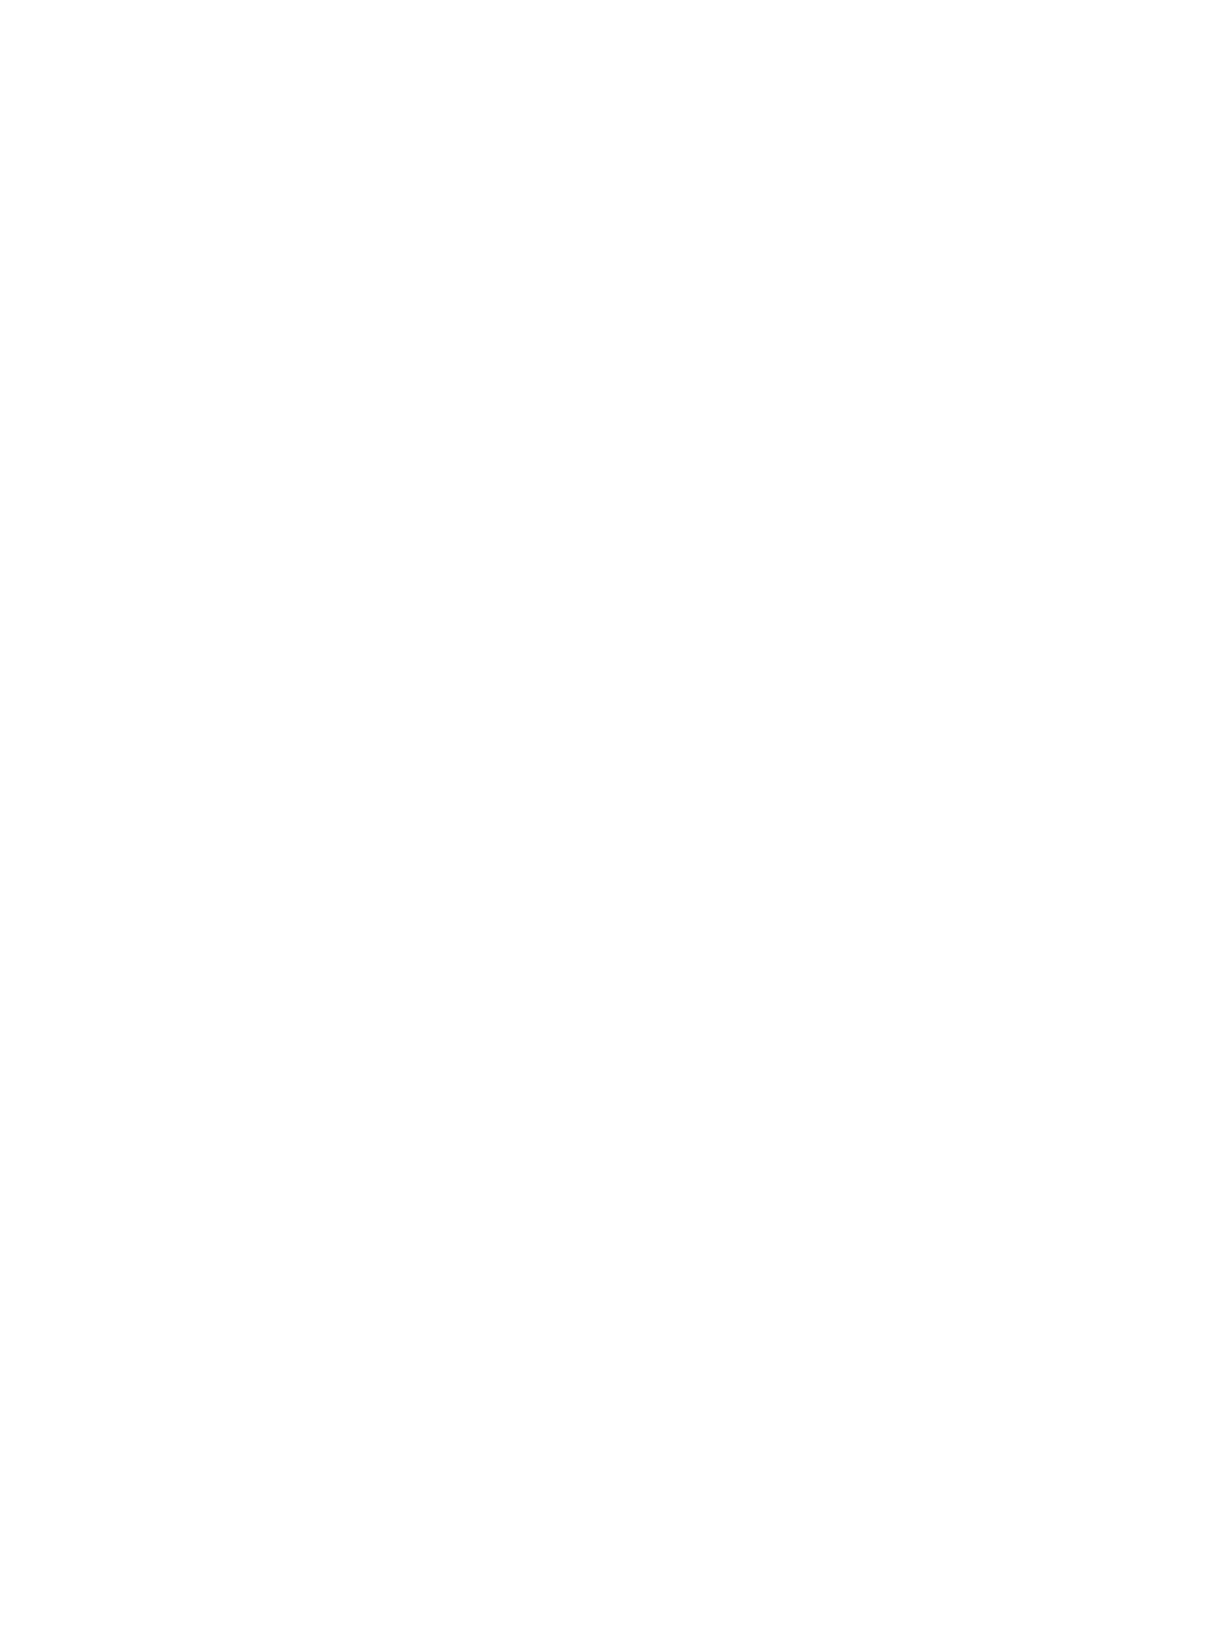 具有口碑的罗茨真空泵供应商_奥鼓机械 安徽罗茨真空泵 罗茨真空泵厂家 罗茨真空泵价格 具有口碑的罗茨真空泵供应商_奥鼓机械 安徽罗茨真空泵 章丘市奥鼓机械有限公司(联系电话:18615197967)创始于2014-03-10。在竞争日益艰难的风机排风设备行业中力争上游,创办至今已为广大企业提供了数不胜数的罗茨真空泵,优质的产品品质获得了企业一致肯定。 以下的,安徽罗茨真空泵,河北罗茨真空泵厂家,江苏罗茨真空泵厂家信息应该对您有用 公司产品质量稳定,货源充实,价格合理,交货及时,如若订购奥鼓机械的罗茨真空泵